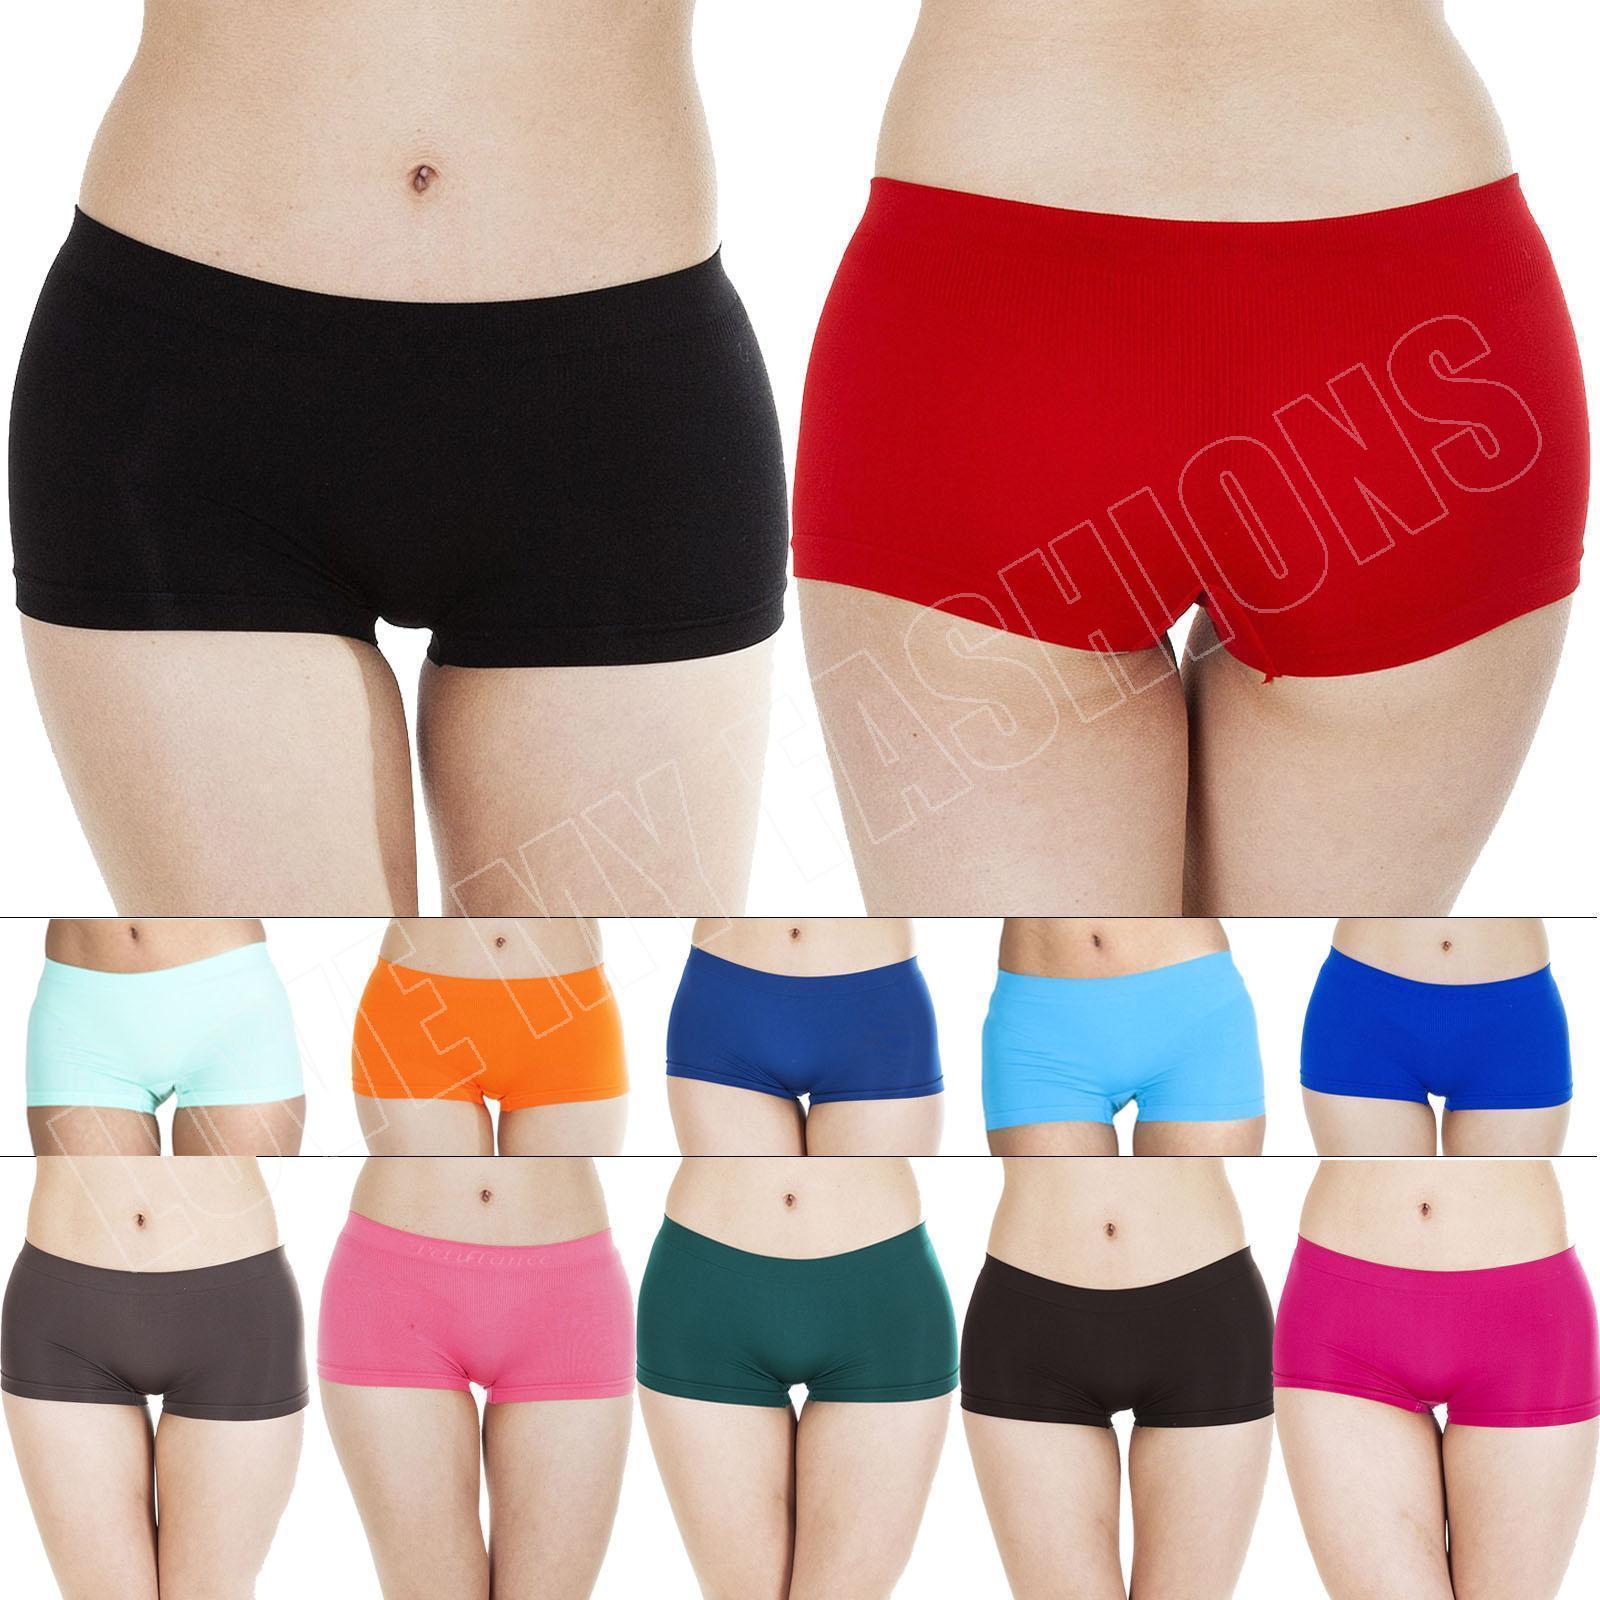 New Womens Knickers Plain Panties Pants Ladies Underwear Boxer ...